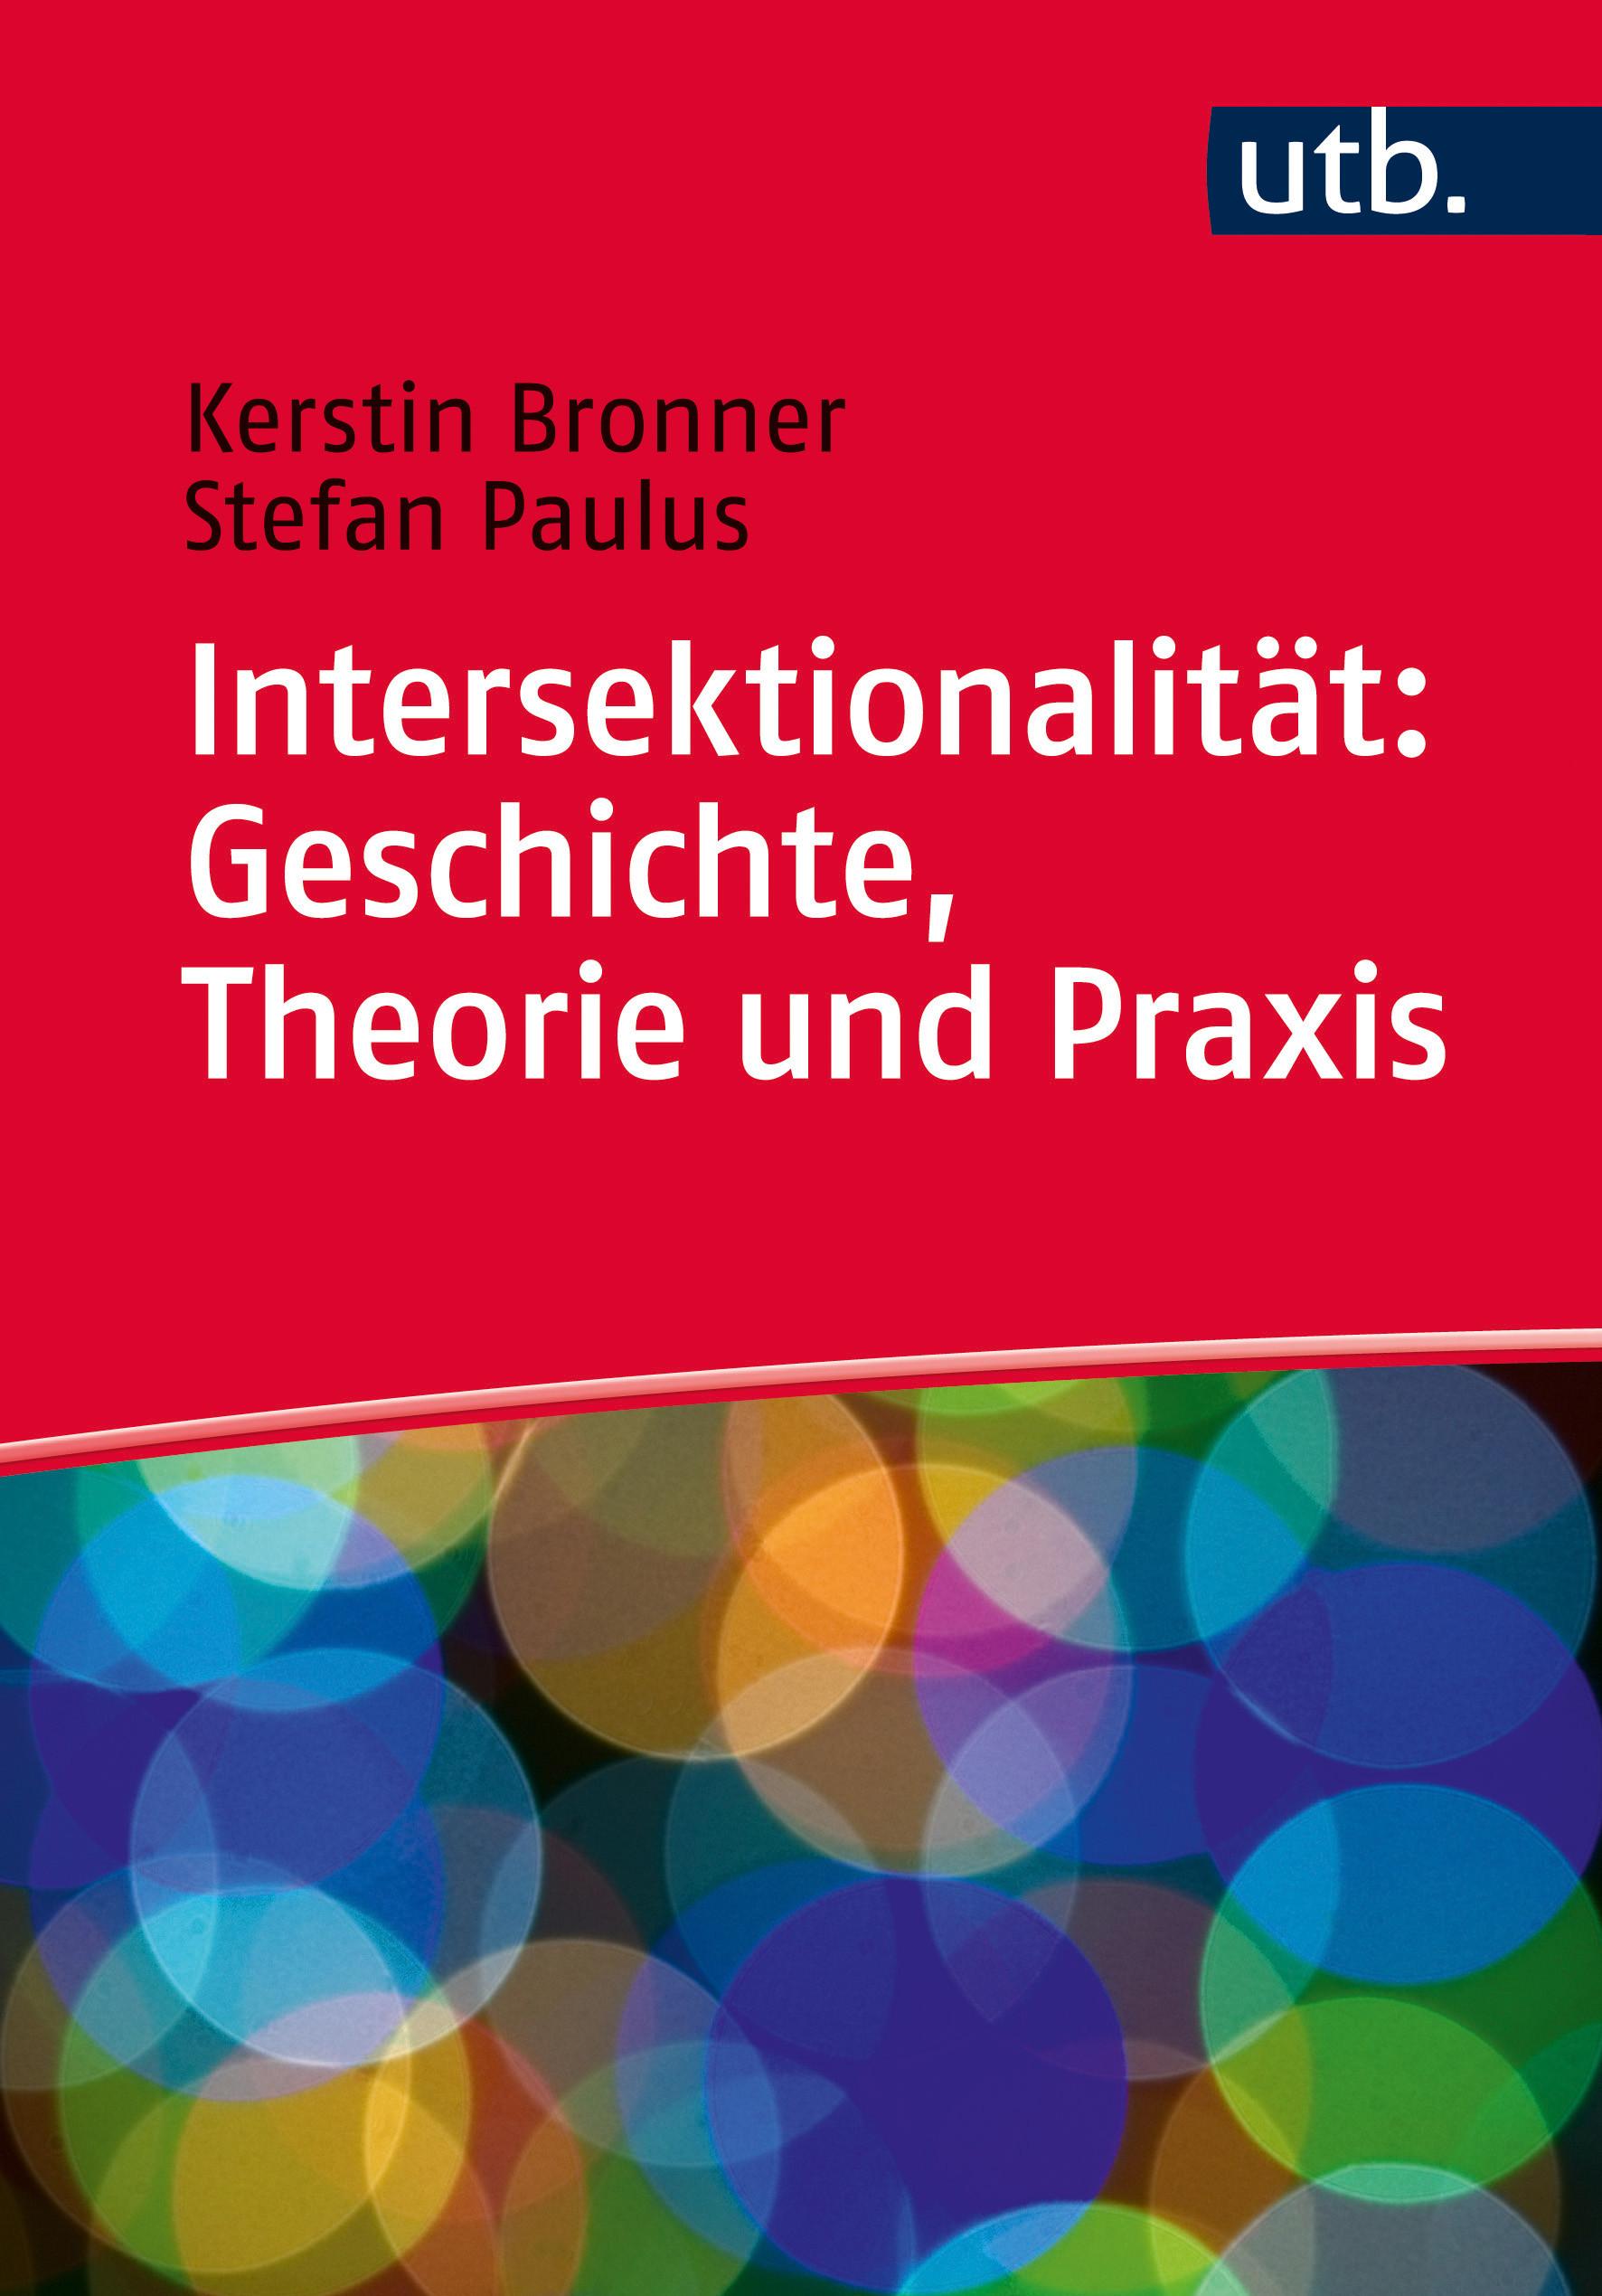 Intersektionalität: Geschichte, Theorie und Praxis